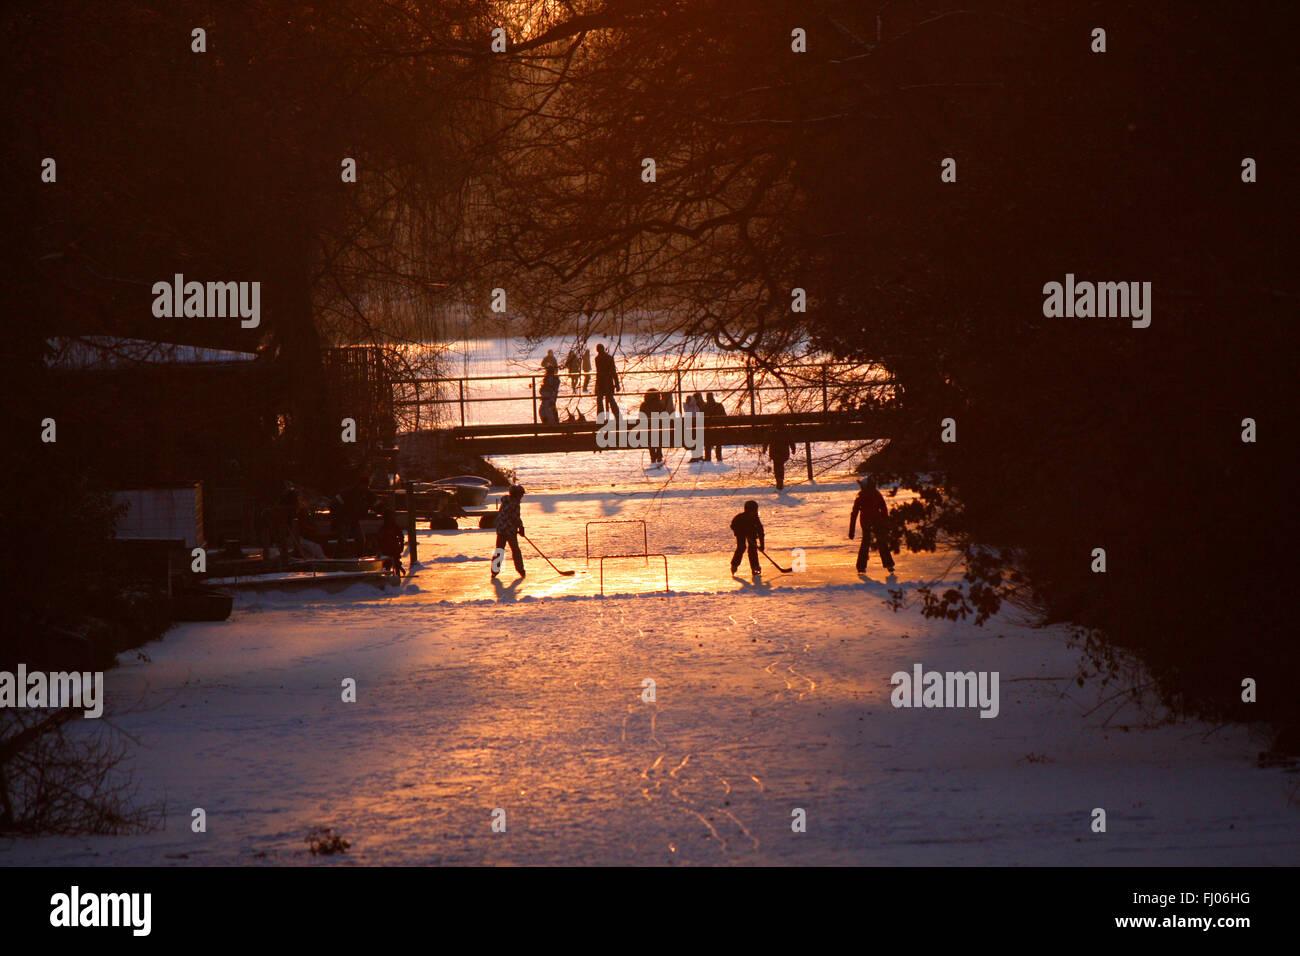 Impressionen: Februar 2012: Seit ueber 2 Wochen hat der Winter Deutschland fest im Griff, mit Tempraraturen bis - Stock Image